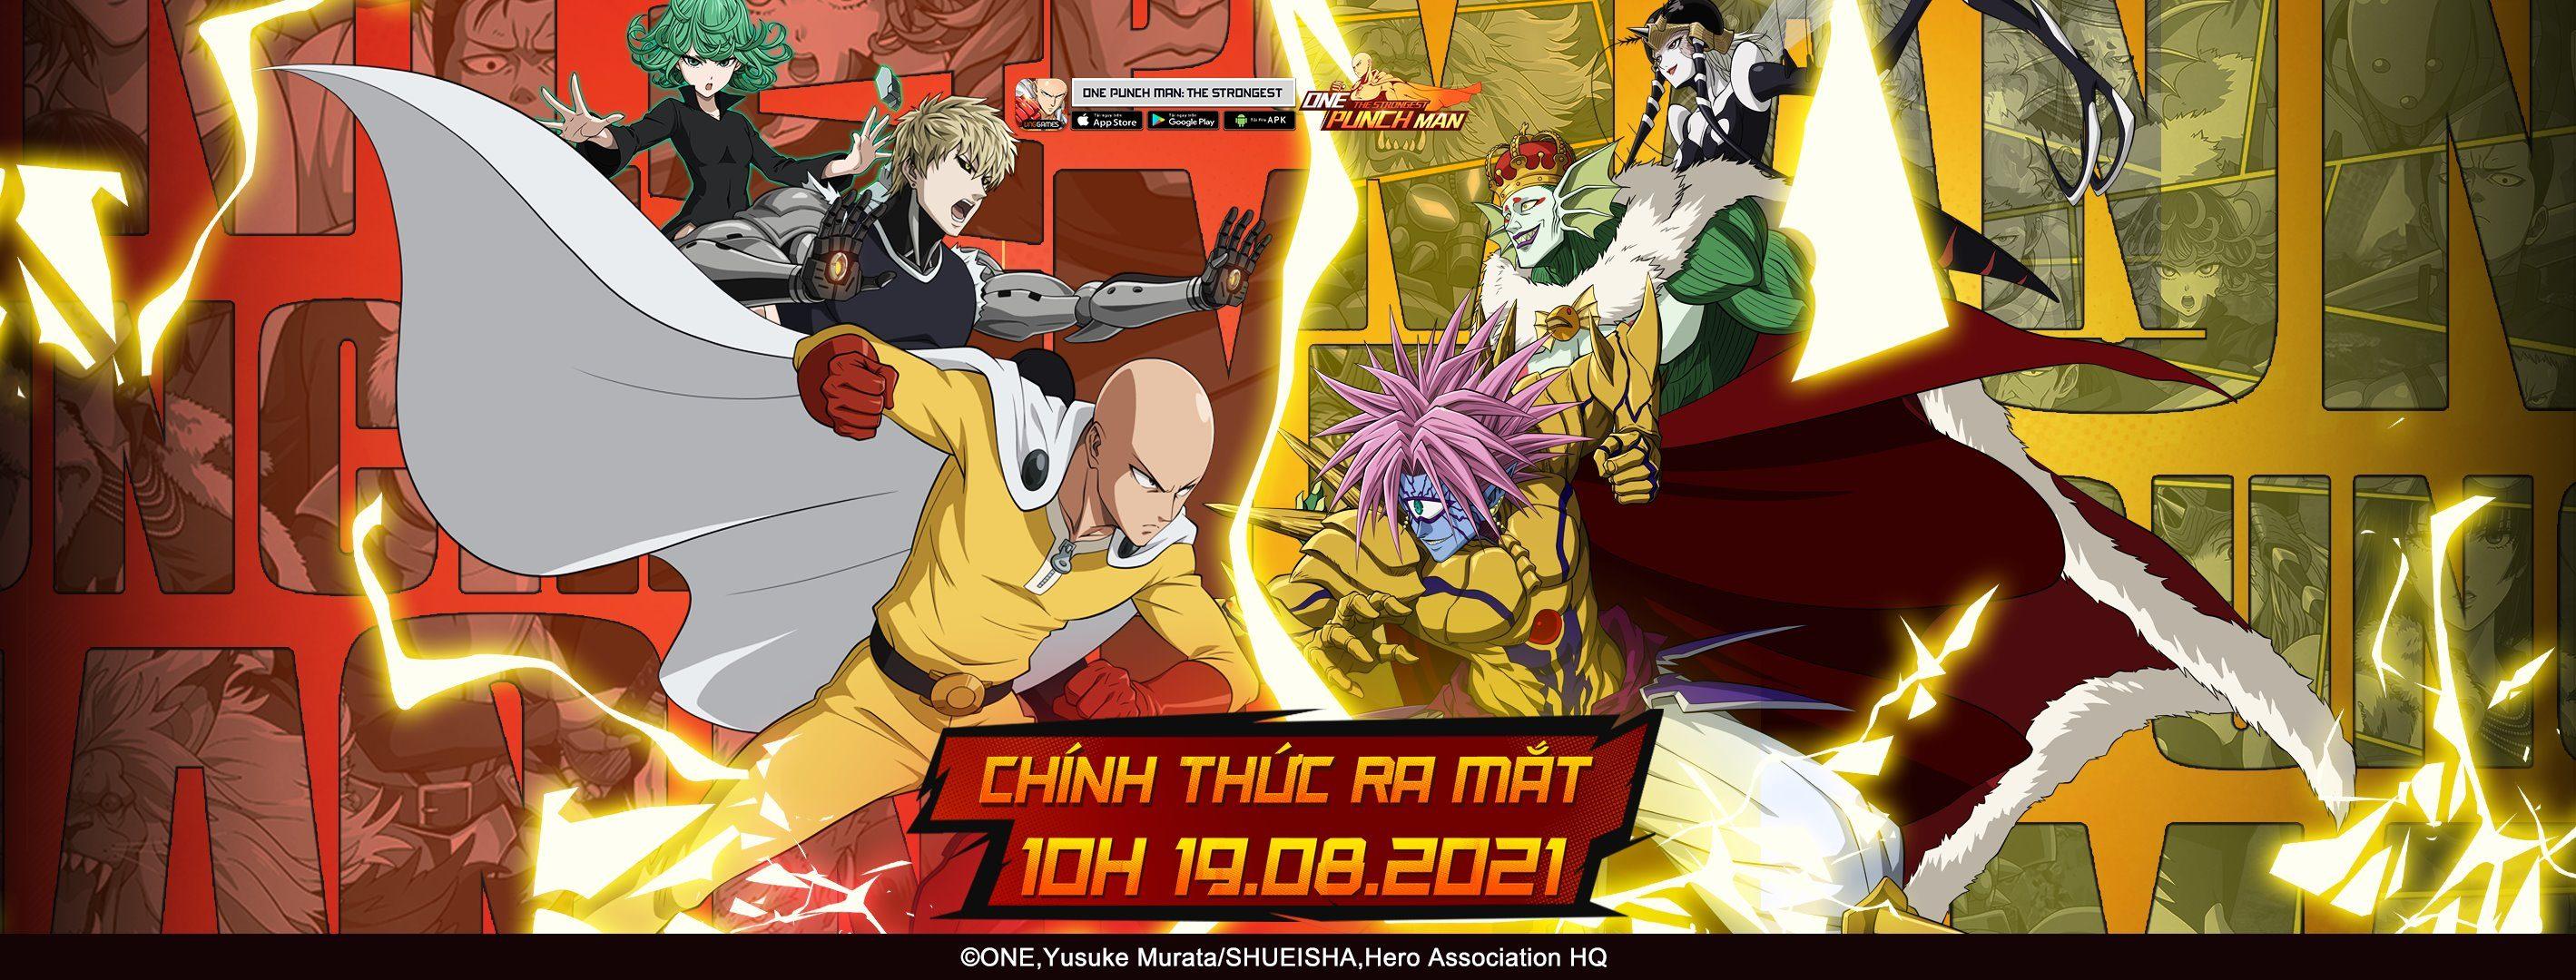 One Punch Man: The Strongest chính thức ra mắt